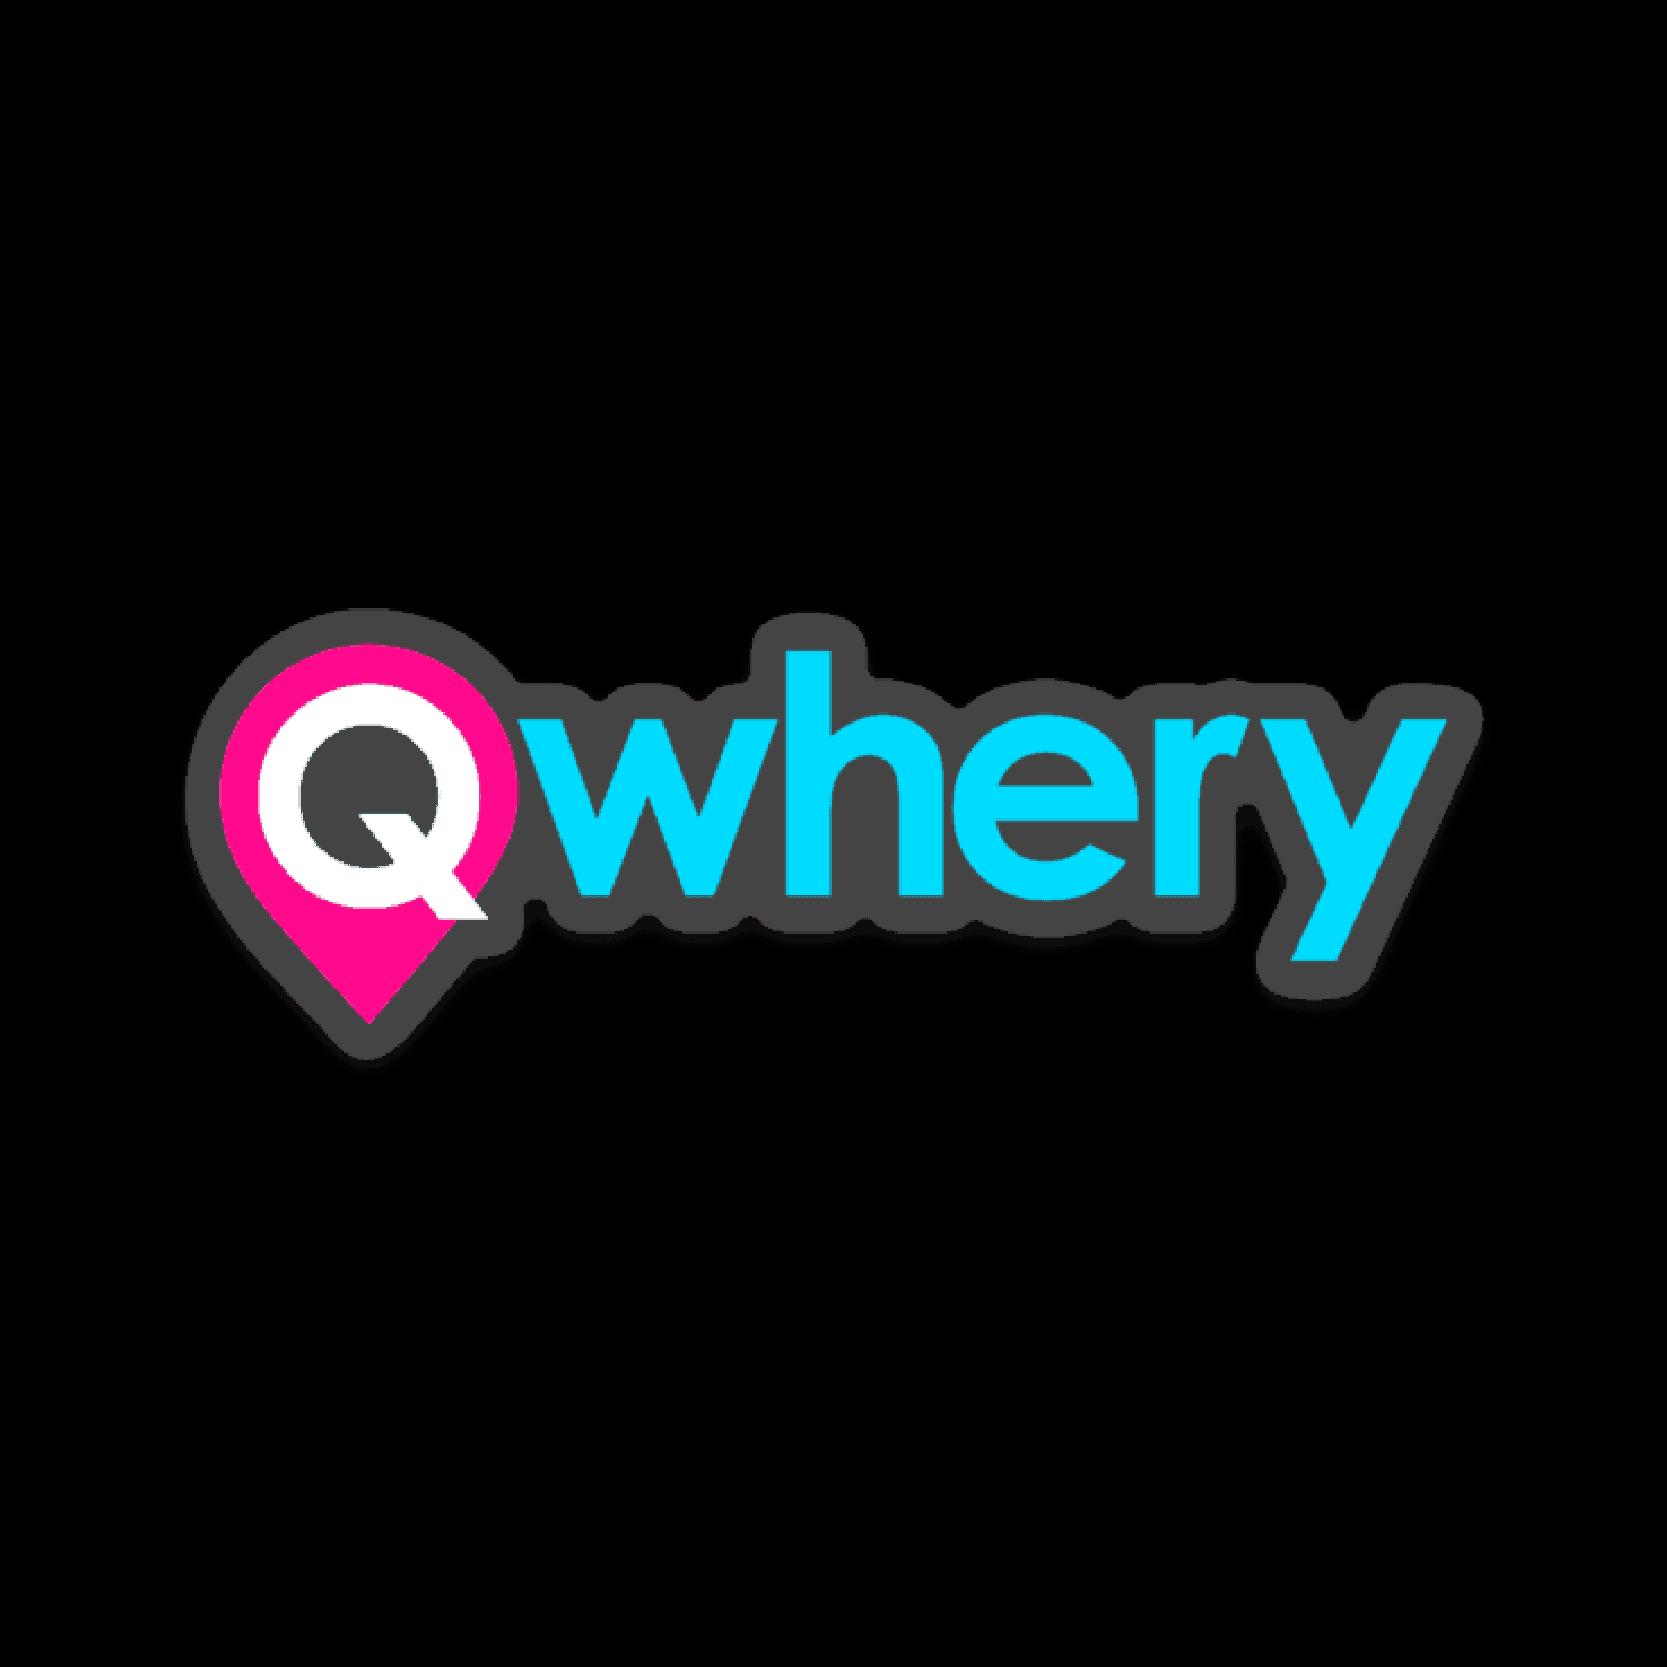 Qwhery